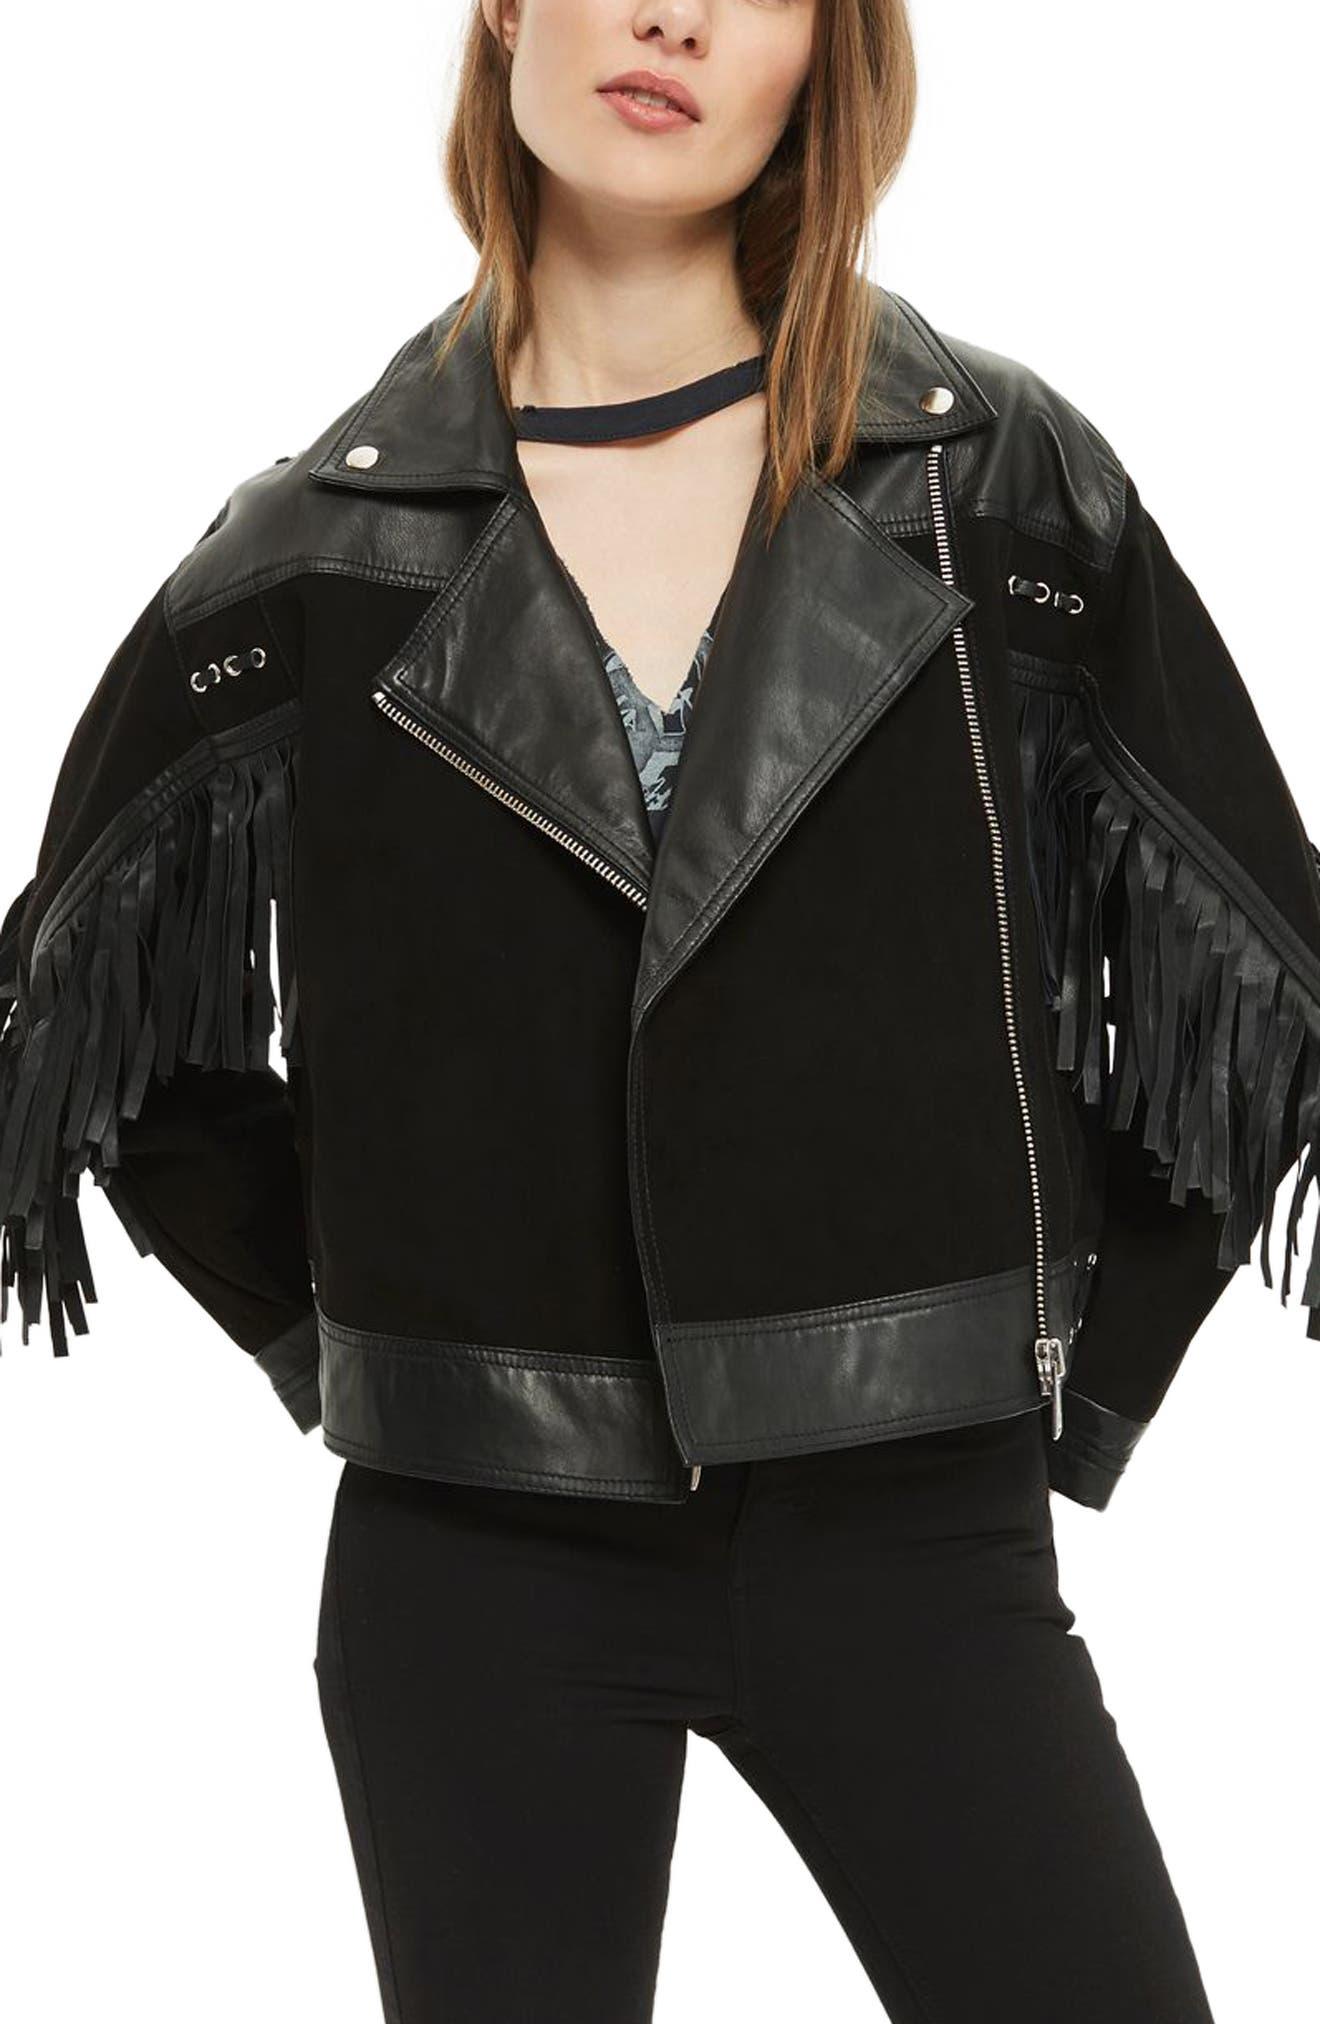 Topshop Lomax Embellished Leather Biker Jacket